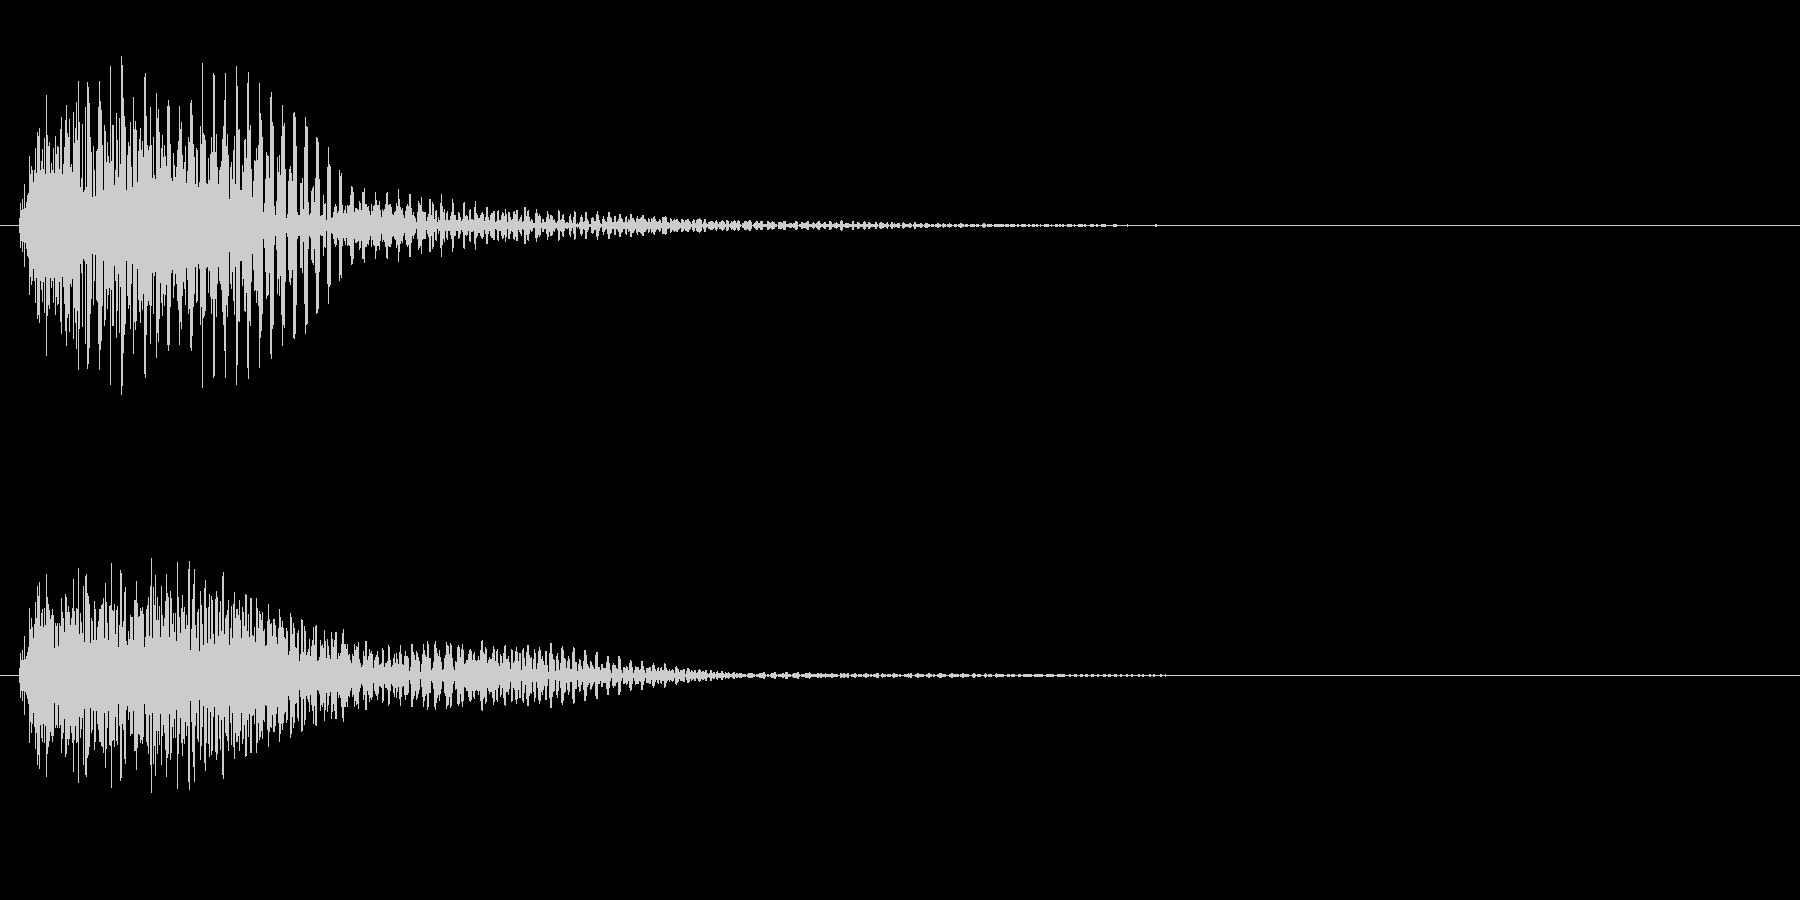 軍隊3 スタート音 豪華決定音の未再生の波形